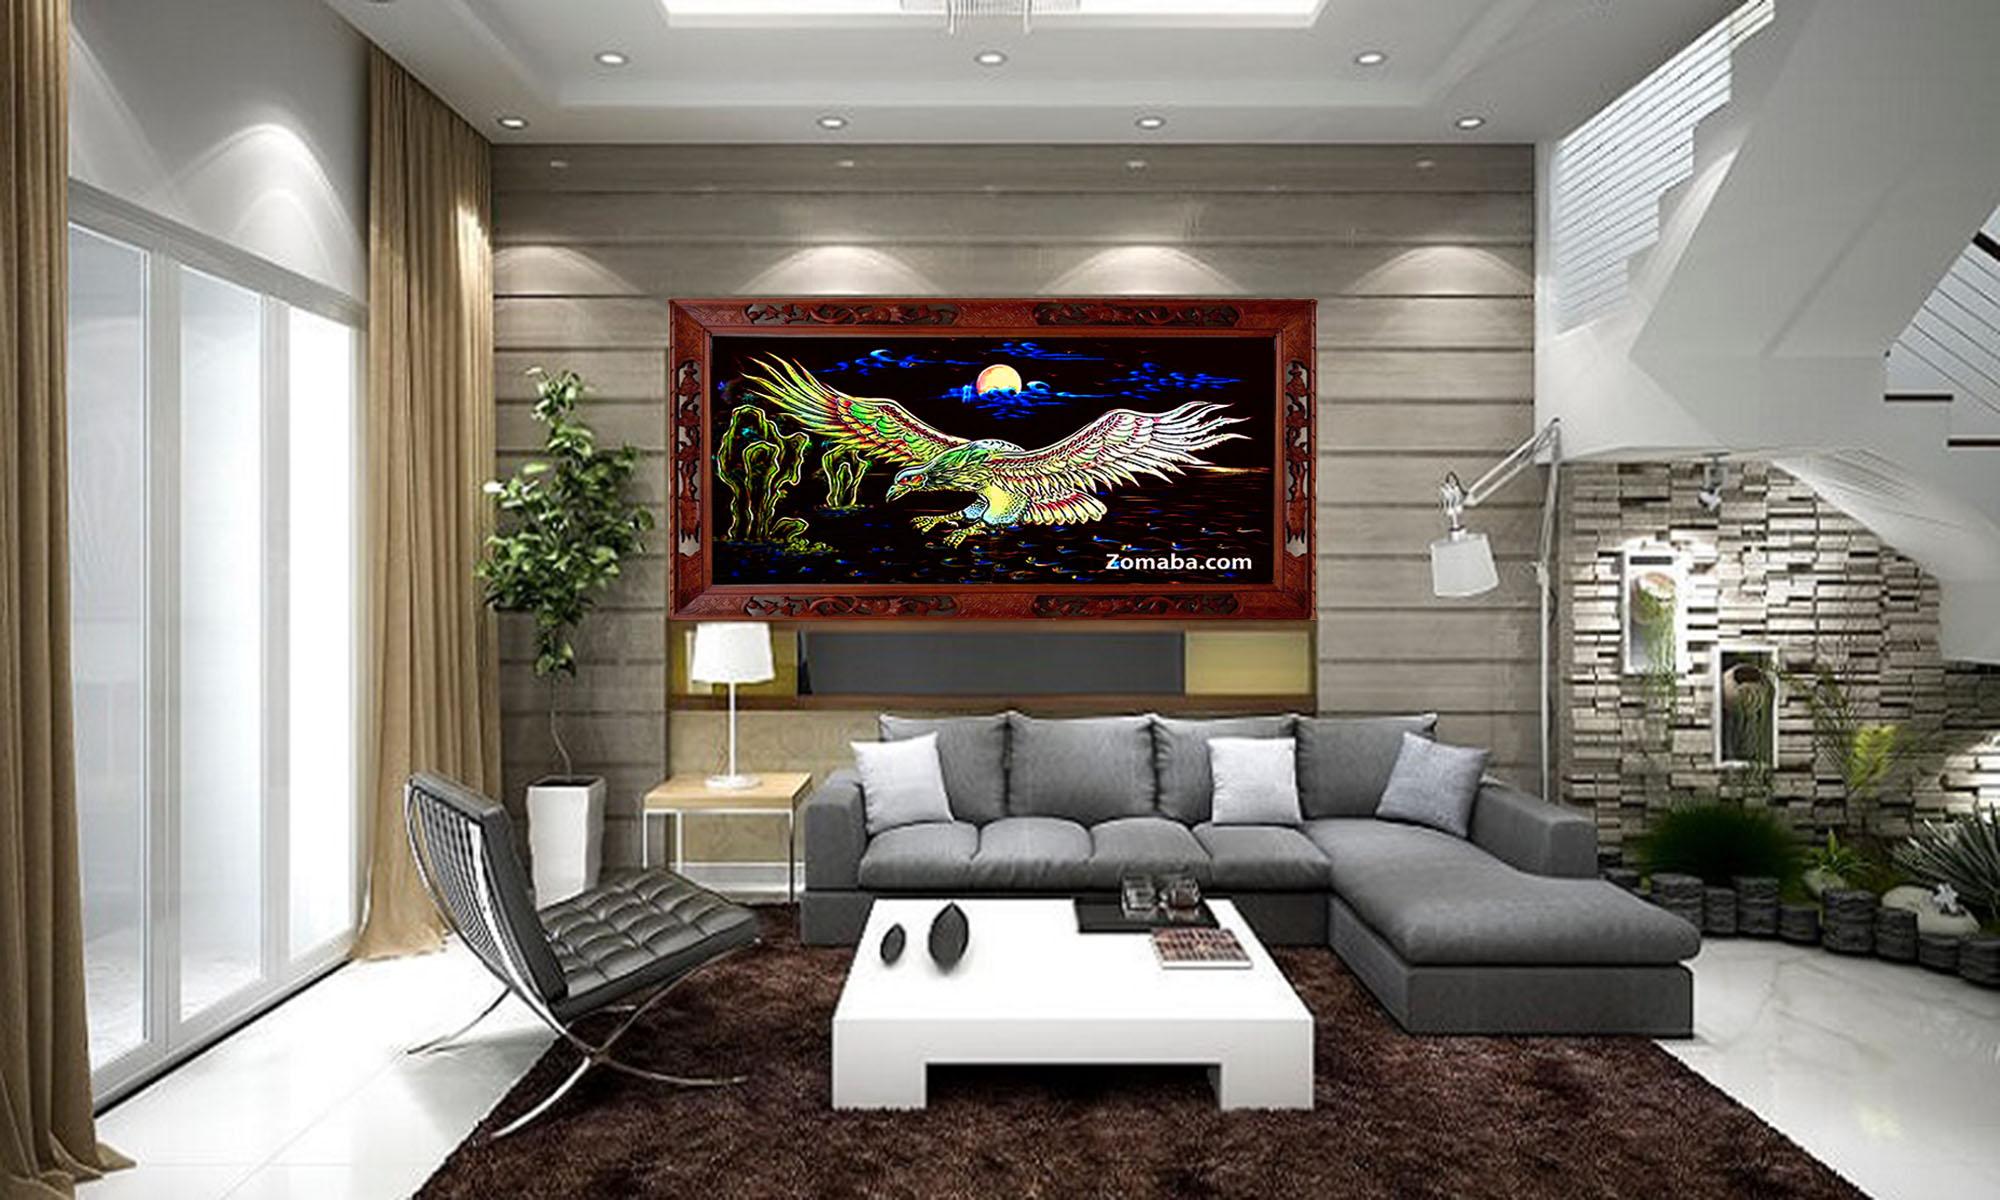 Tranh tặng tân gia nhà mới tphcm - Tranh sơn mài - Malanaz.com sale off 40% giao hàng trên toàn quốc